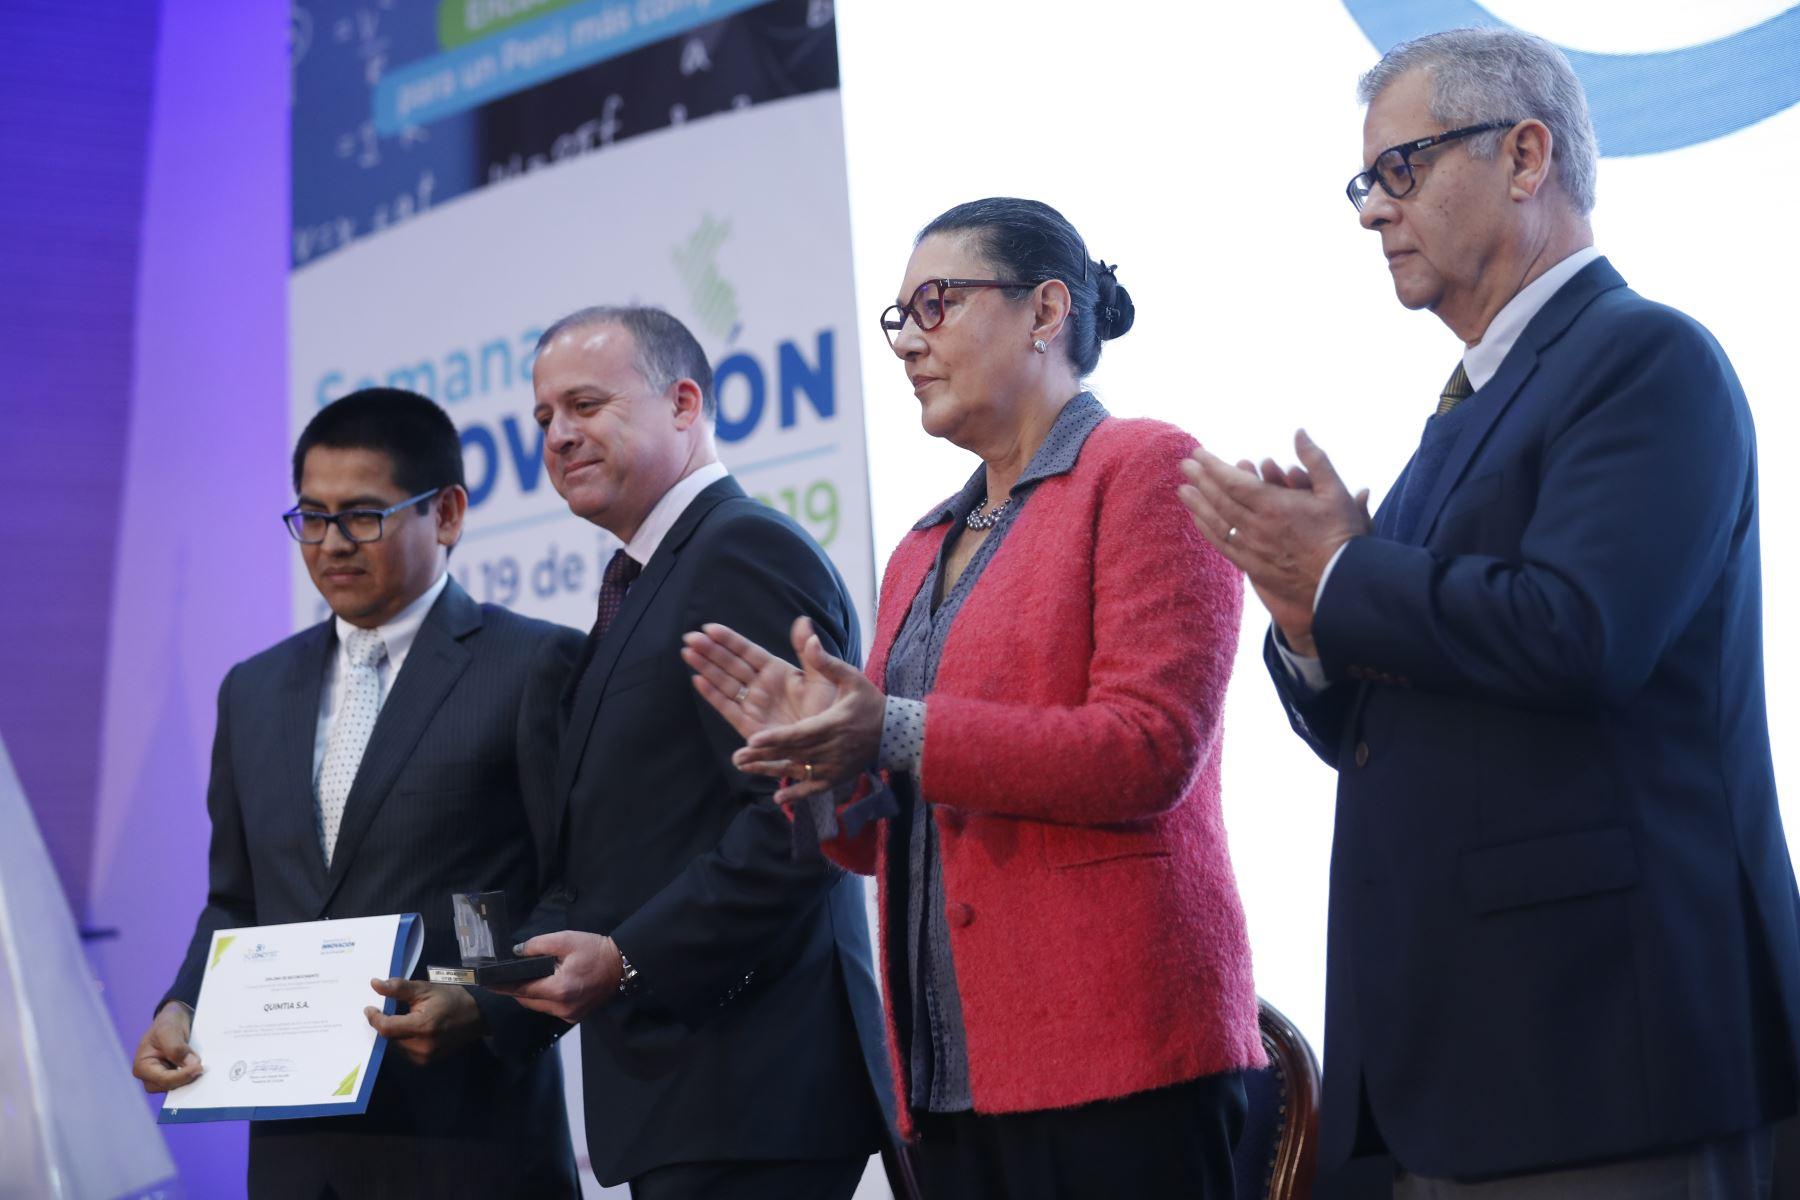 Presentación  de las conclusiones de la Semana Nacional de la Innovación y reconocimiento a 15 empresas innovadoras. Foto: ANDINA/Josue Ramos